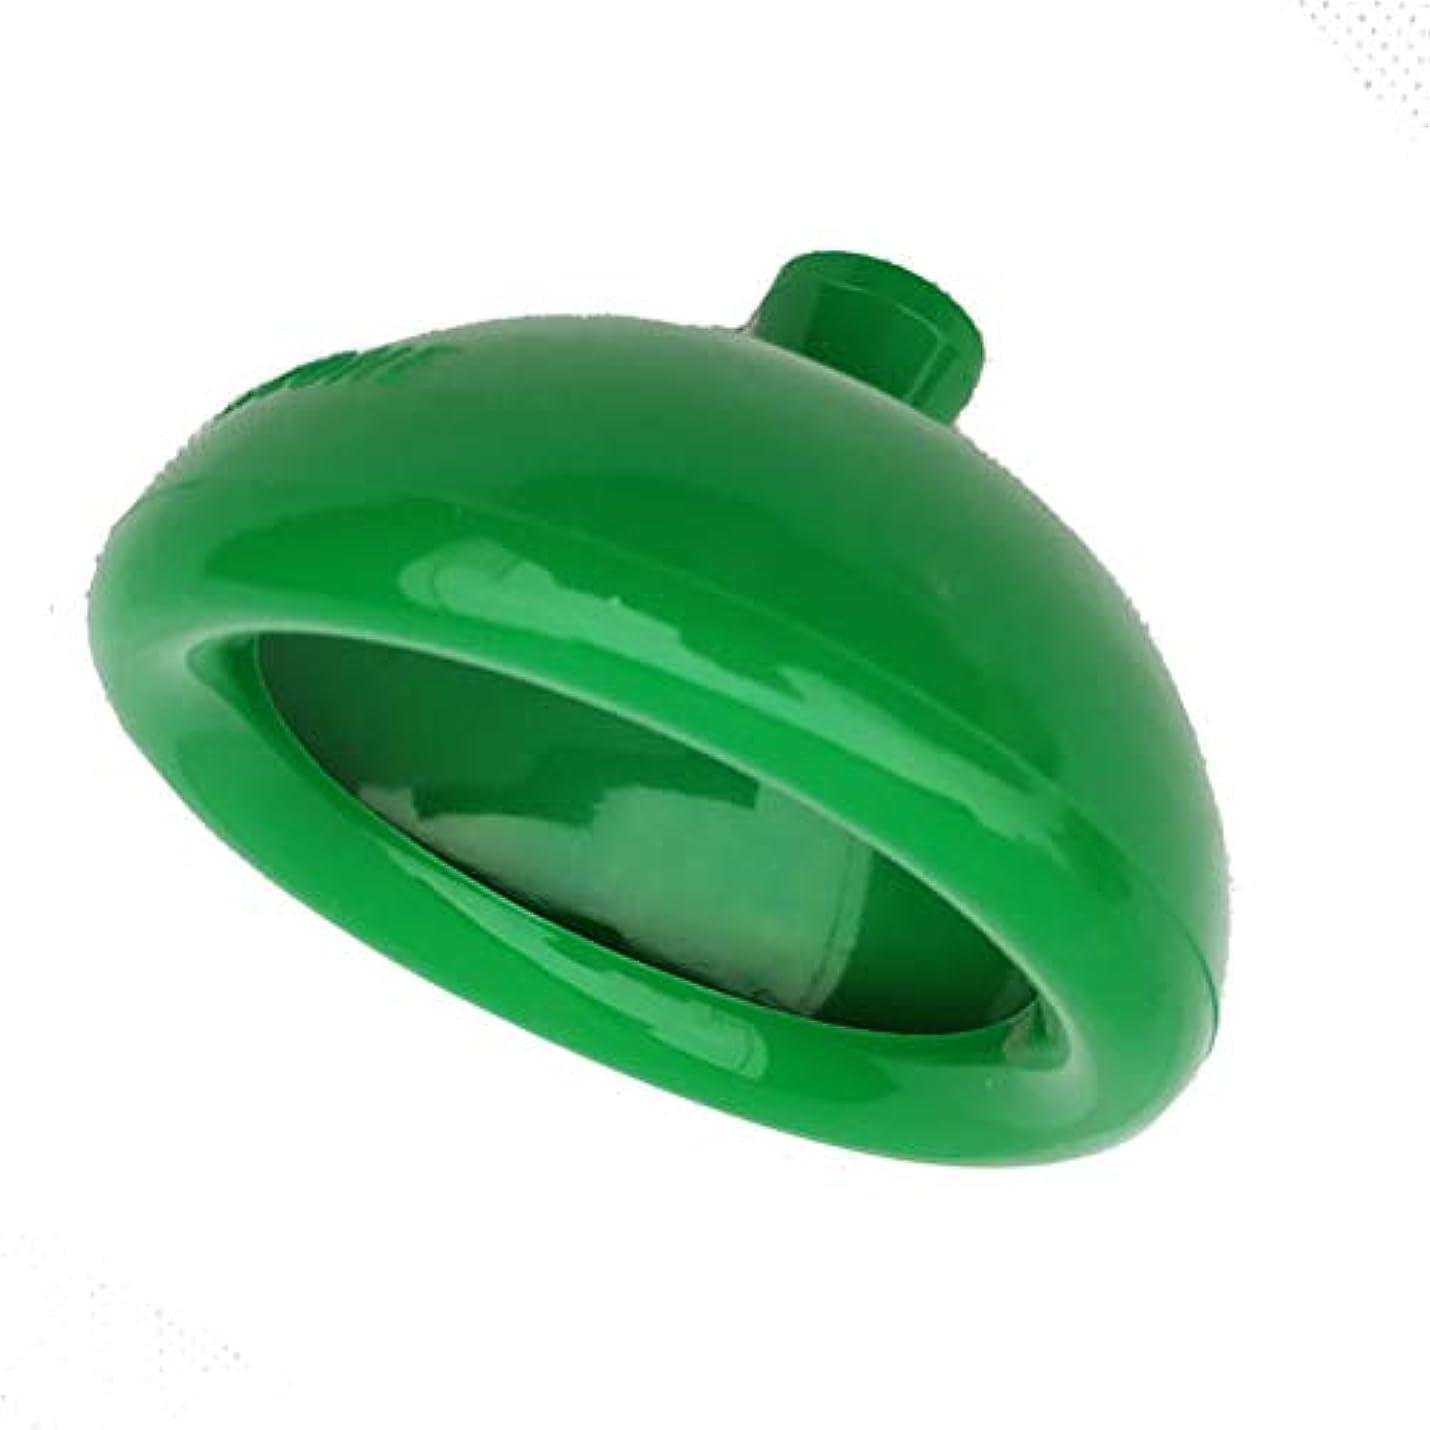 受ける玉ねぎ入場料子供シリコーン高齢者のためのシリコーンゲル圧力ドラムマッサージ痰カップ痰げっぷダイジェストヘルパー